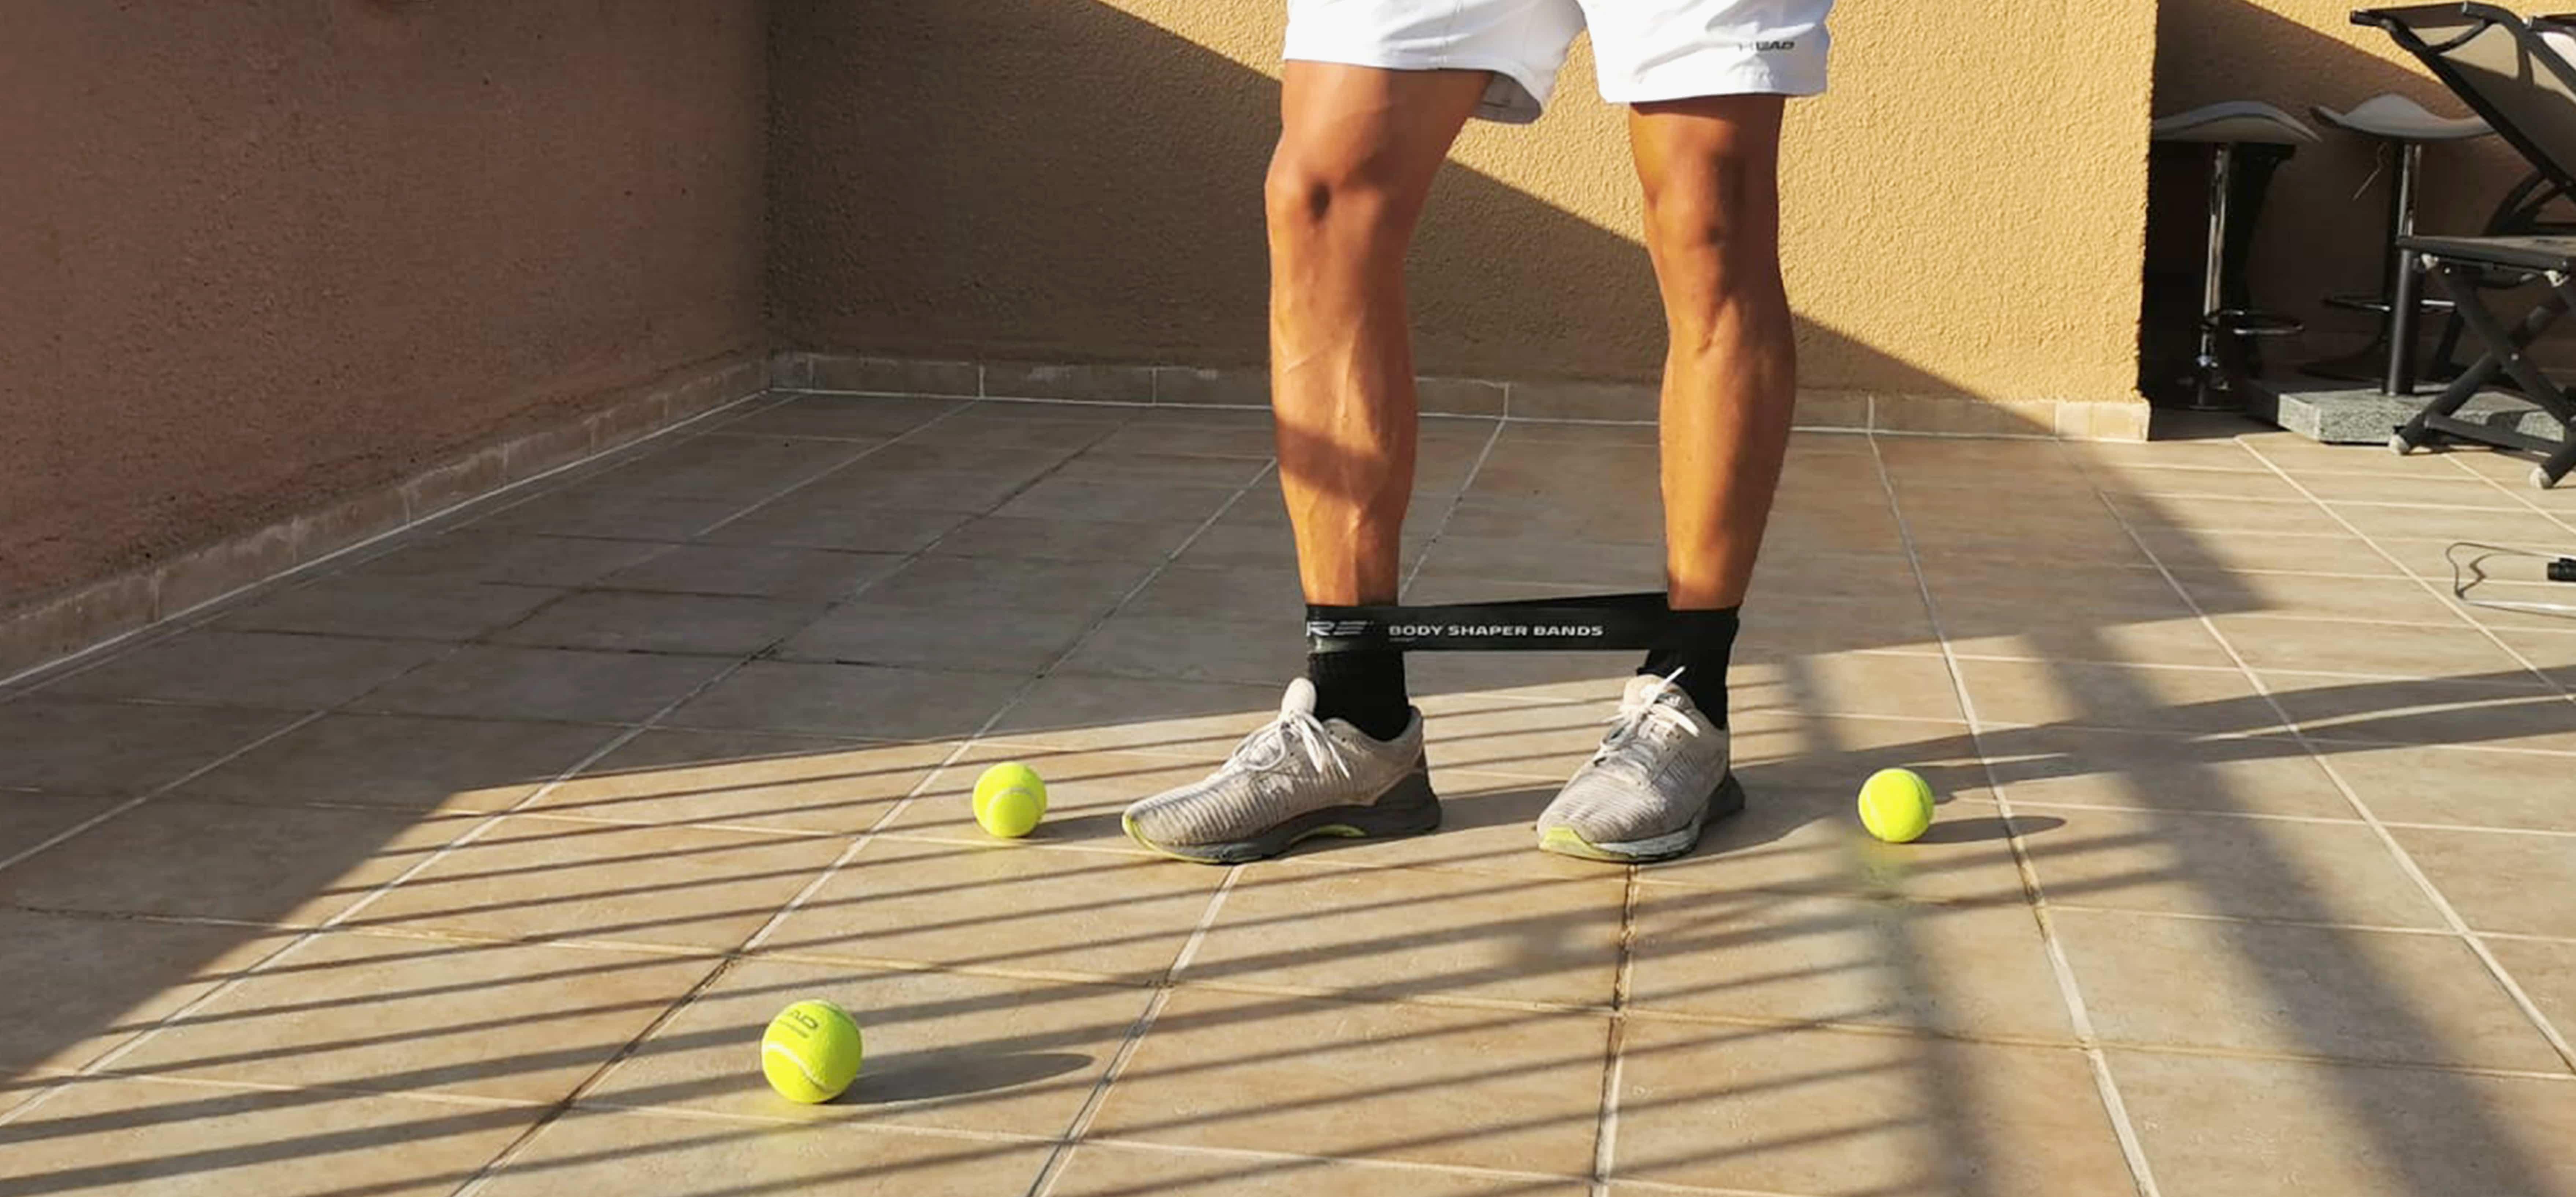 Beinarbeit Tennis City Outlet Blog Dominik Wirlend Titelbild